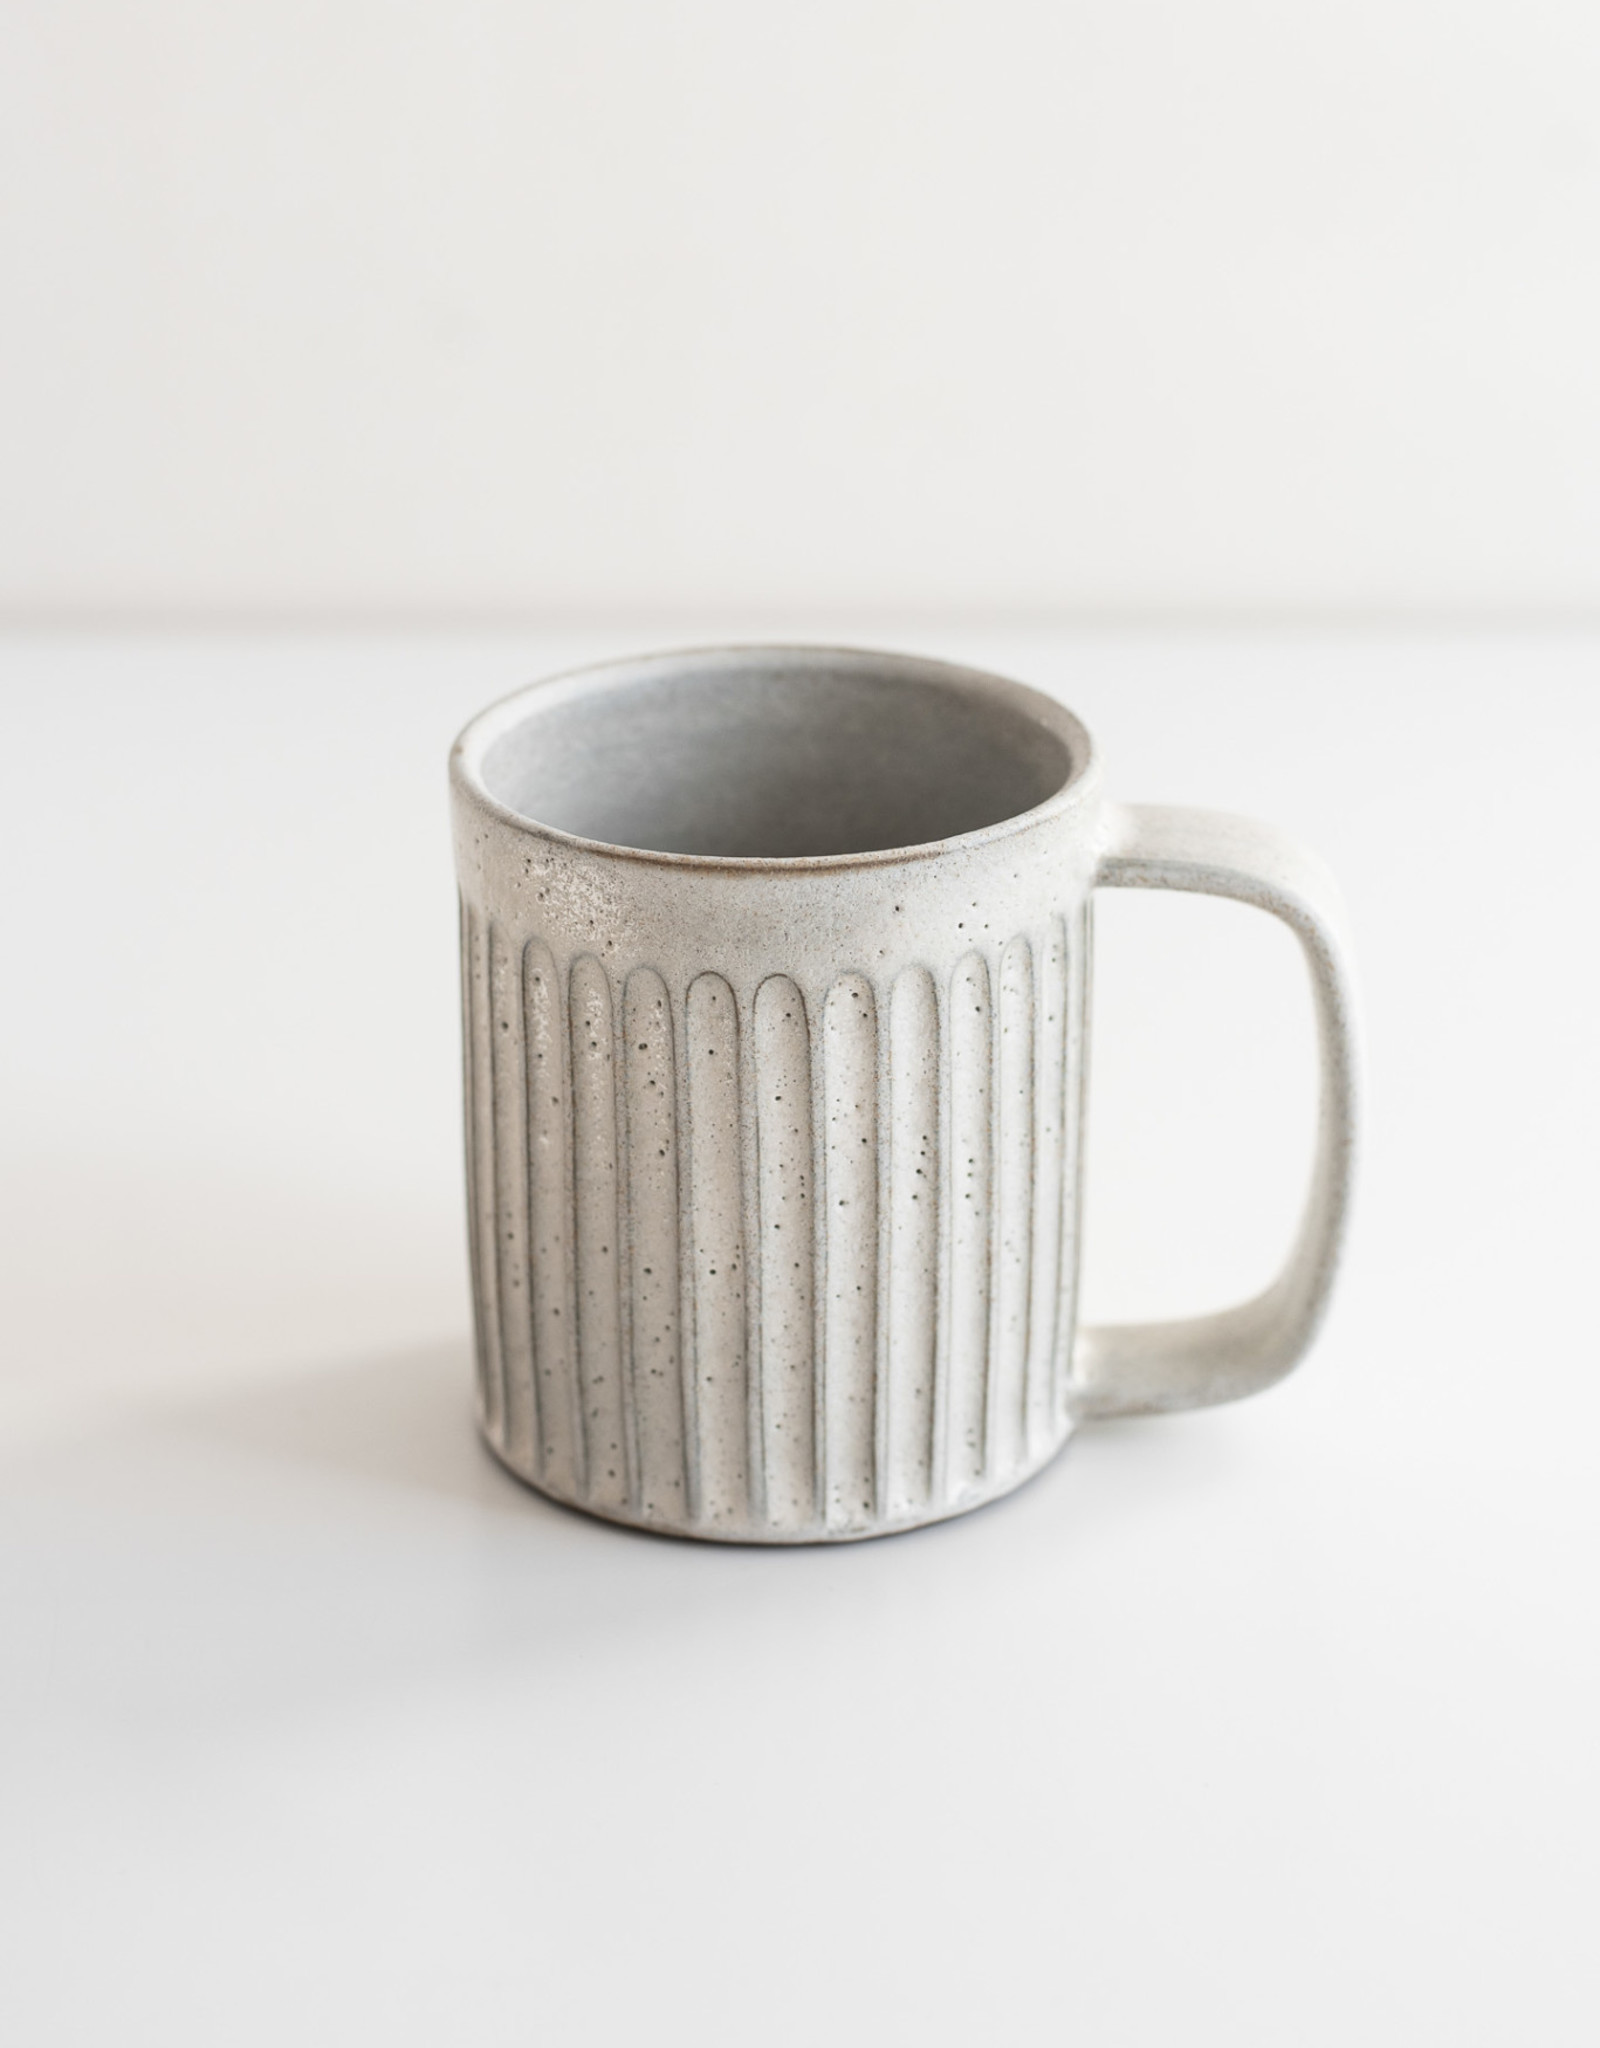 Tasse à café - Motif à Cannelures